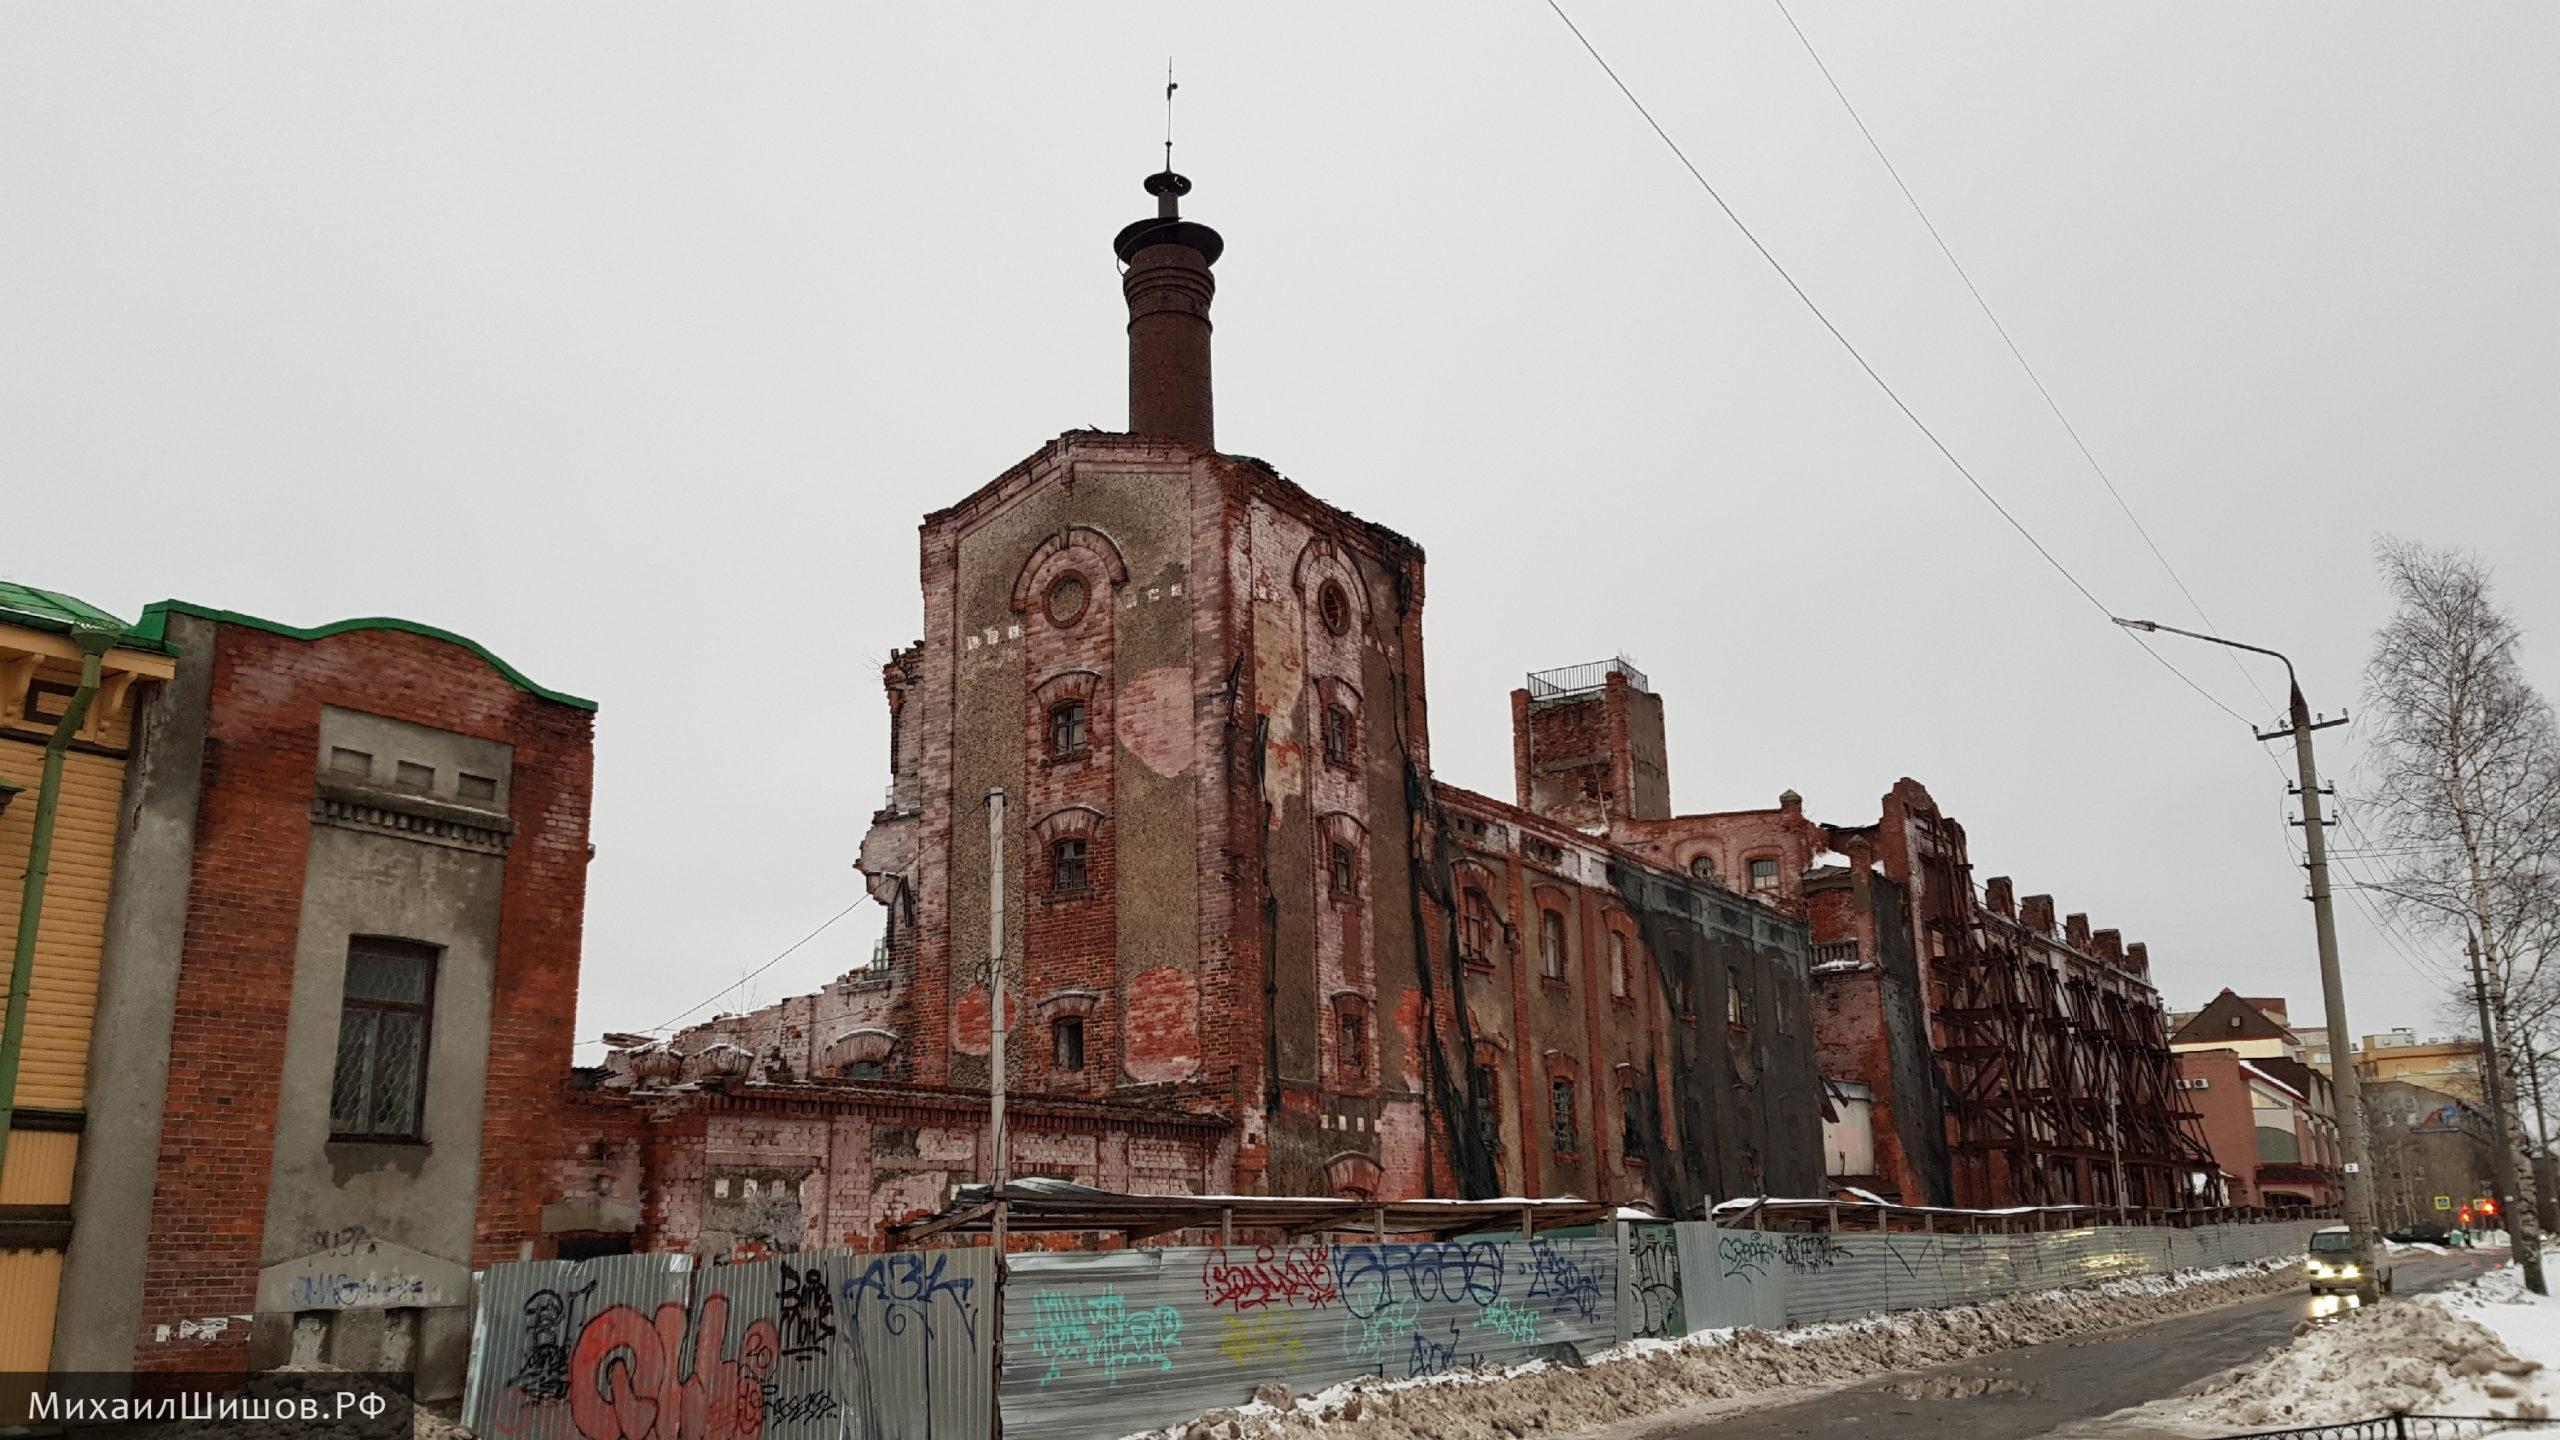 Пивзавод Суркова разрушен. Ст 243 УК РФ